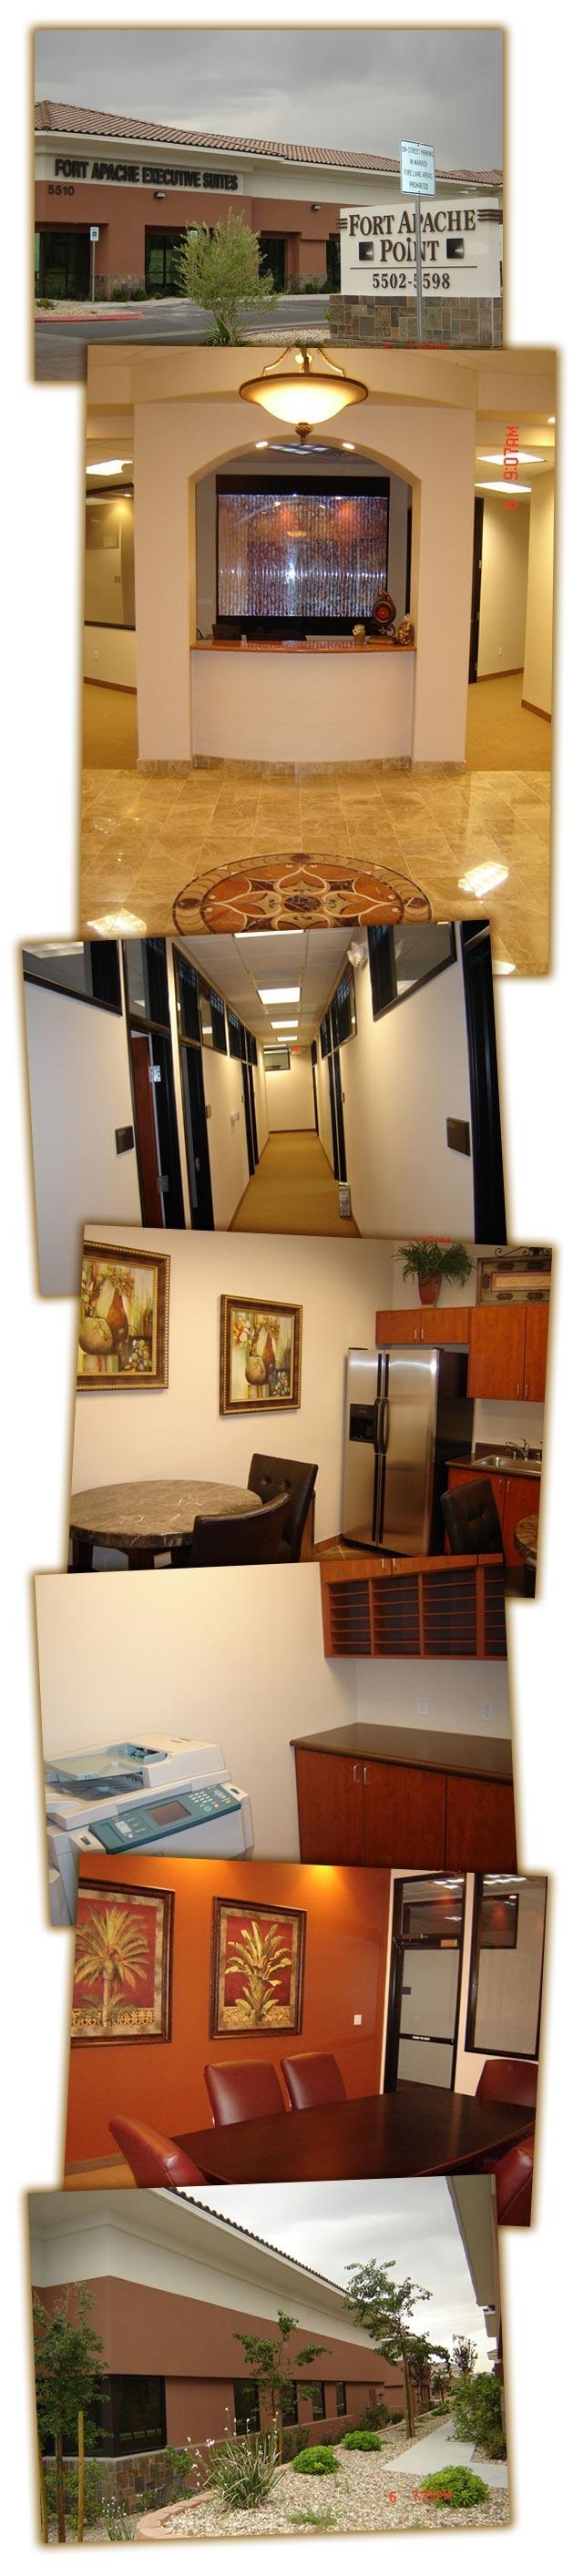 Fort Apache Executive Suites - Fort Apache Rd. - Las Vegas